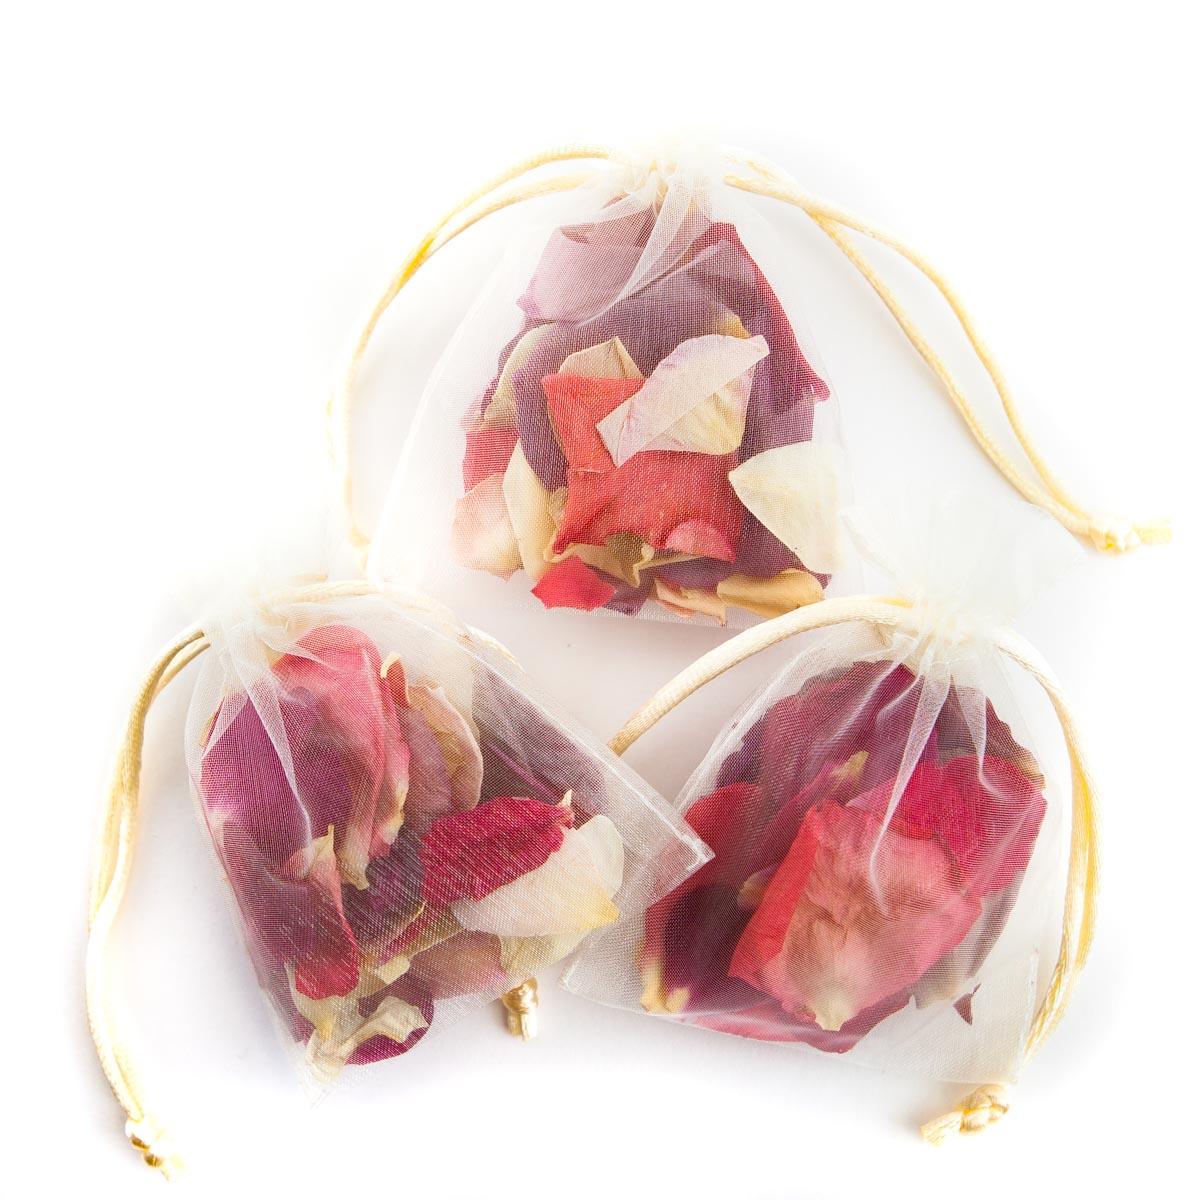 Rainbow Small Natural Rose Petals - Confetti Petal Bag